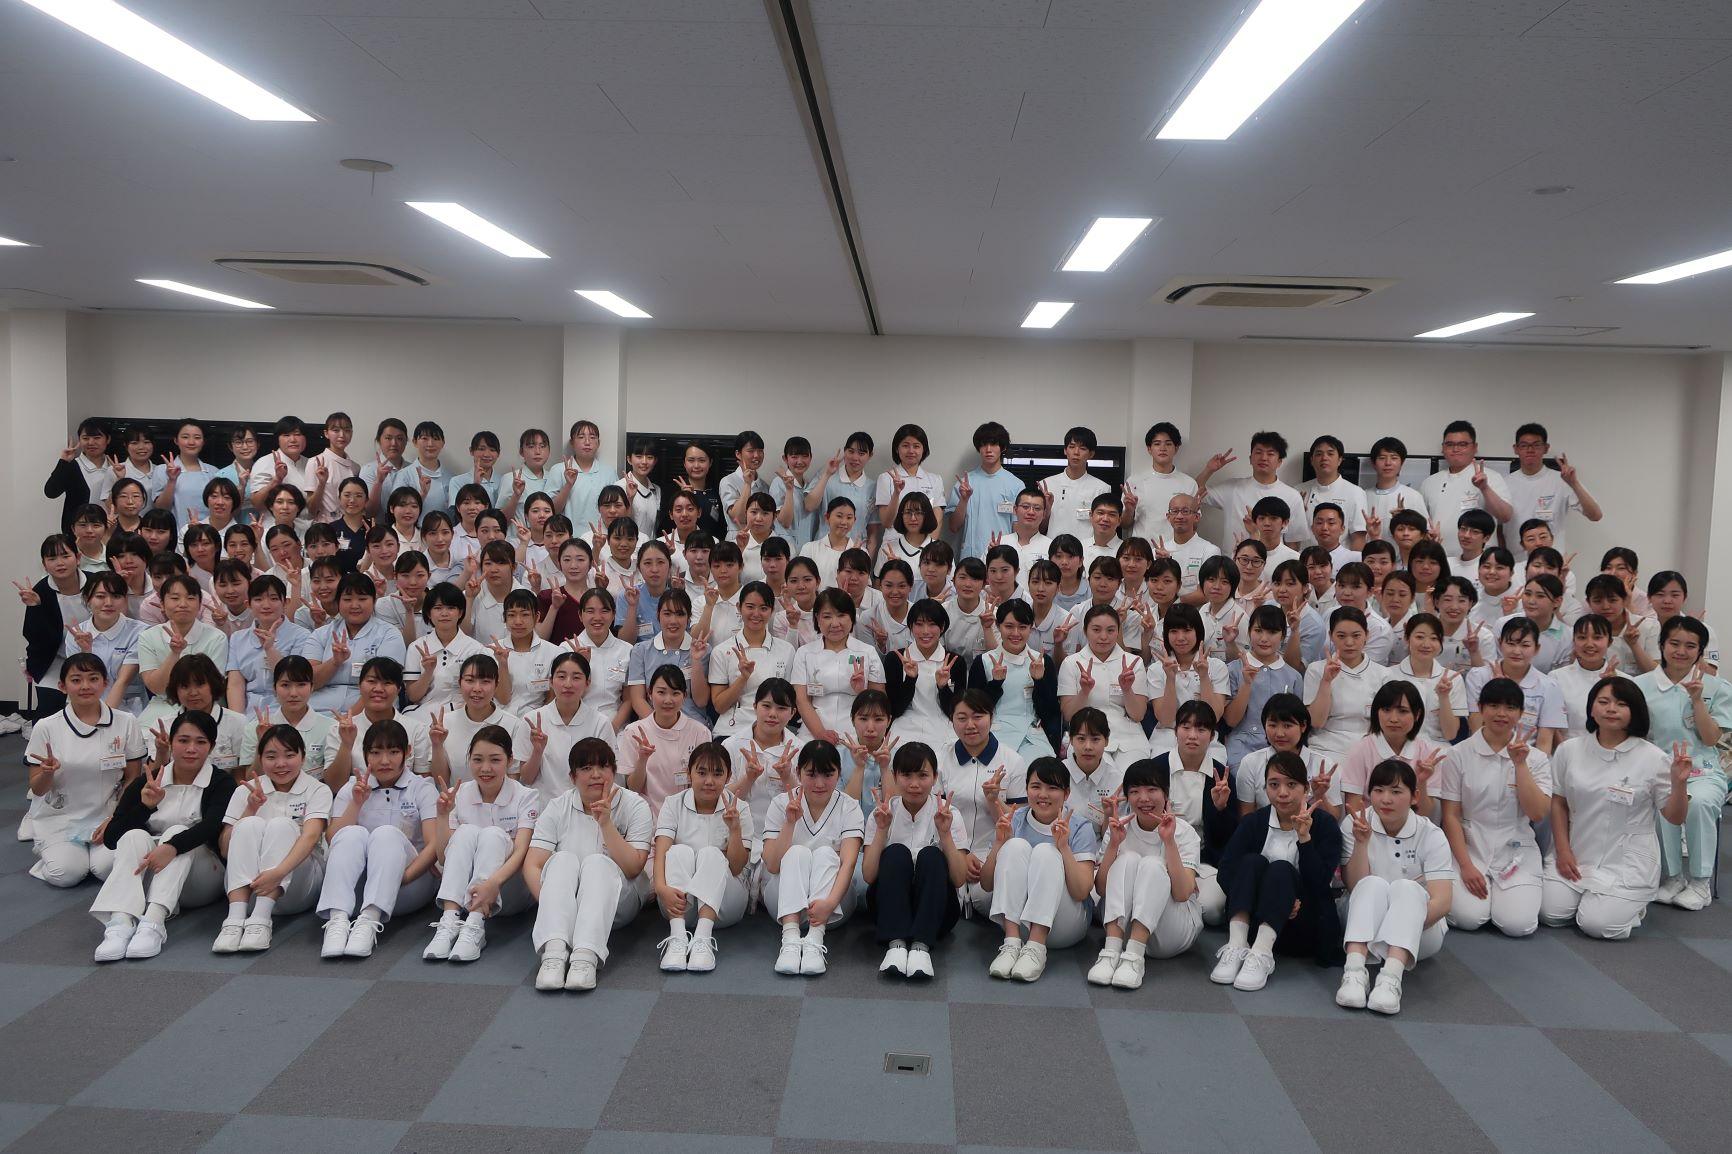 専門 看護 学校 医療 福祉 会 埼玉